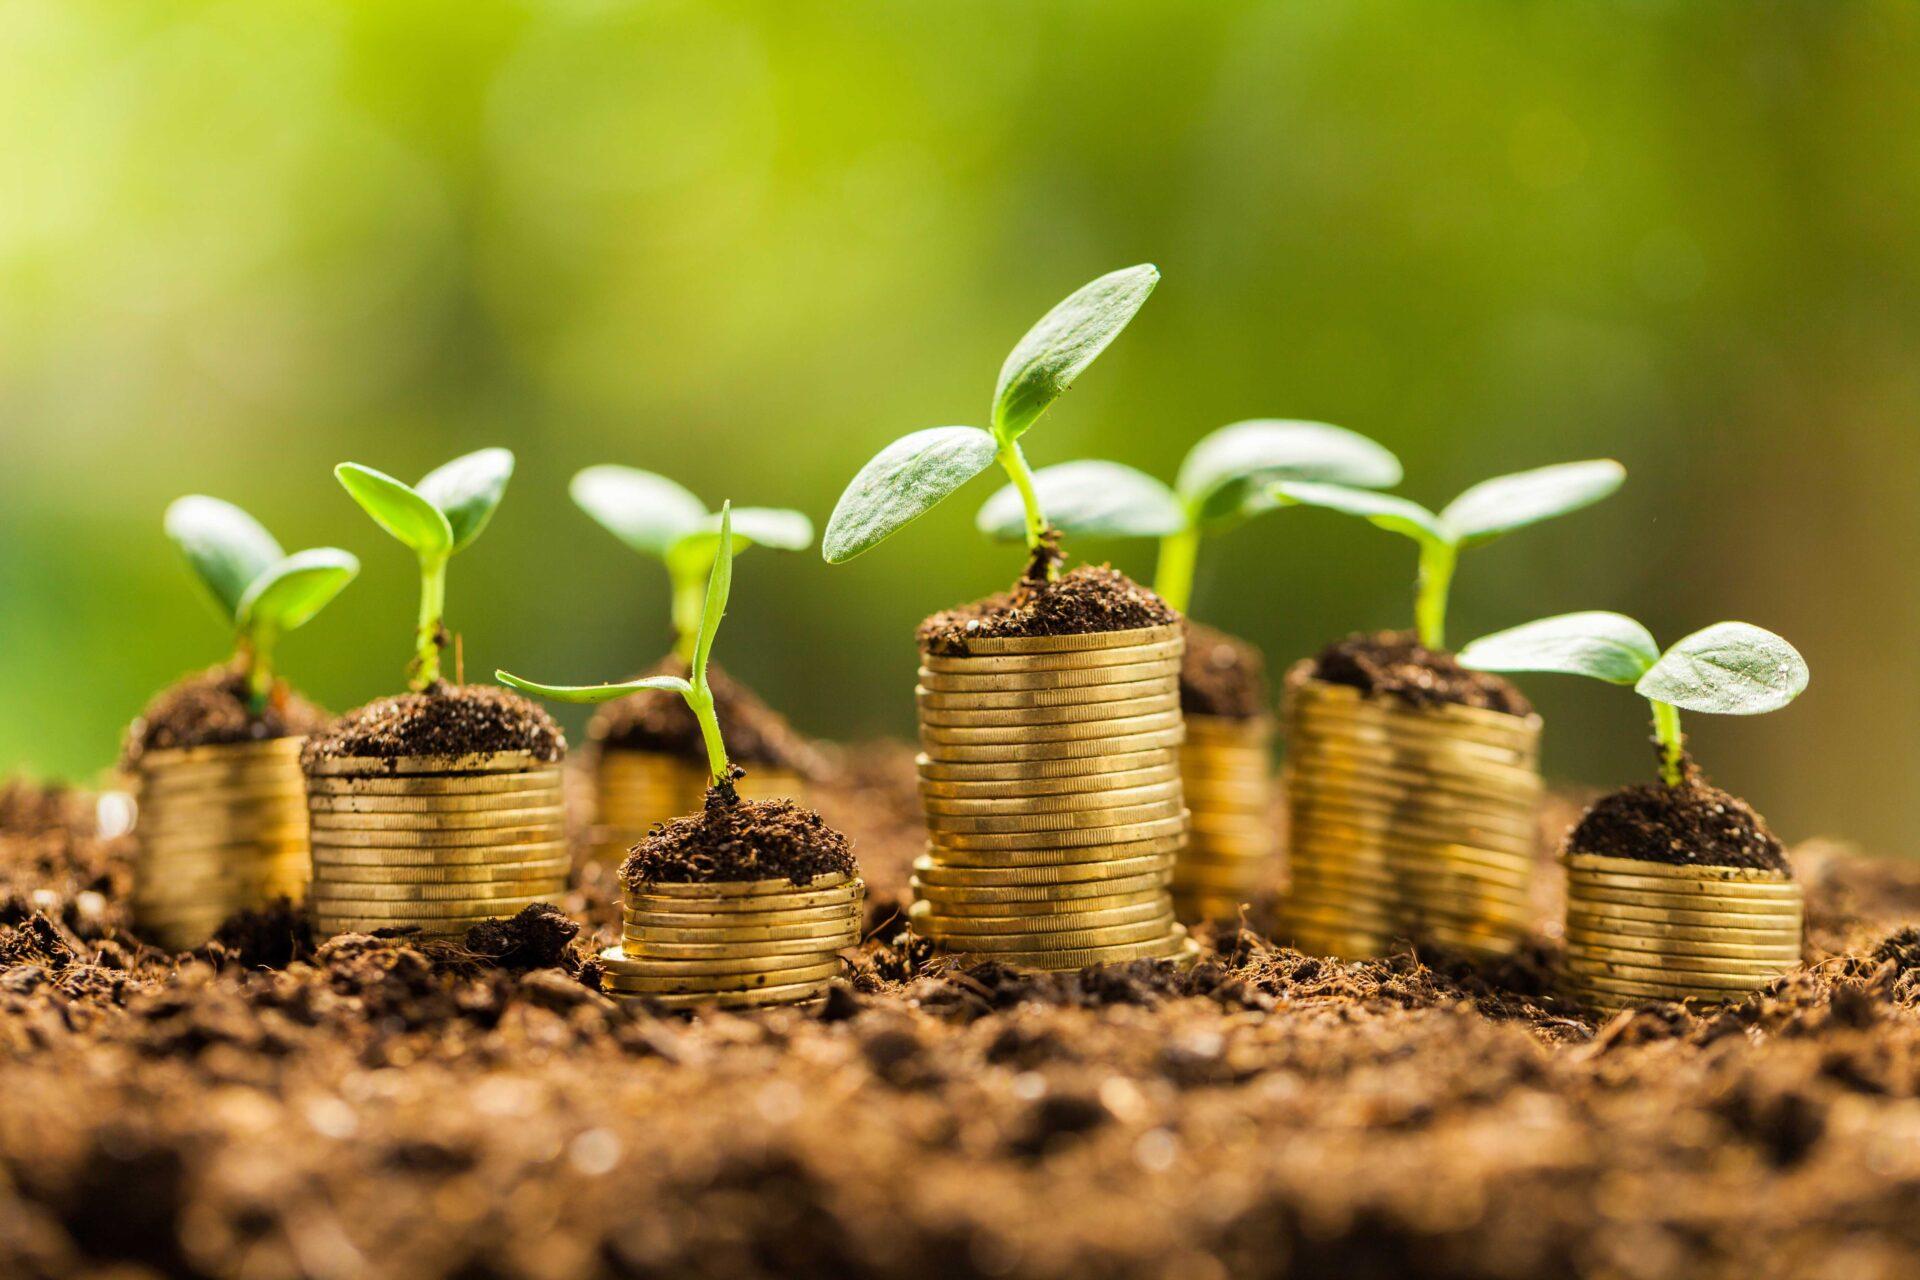 Petites plantes poussant sur des pièces en or secteur de l'agribusiness allemand